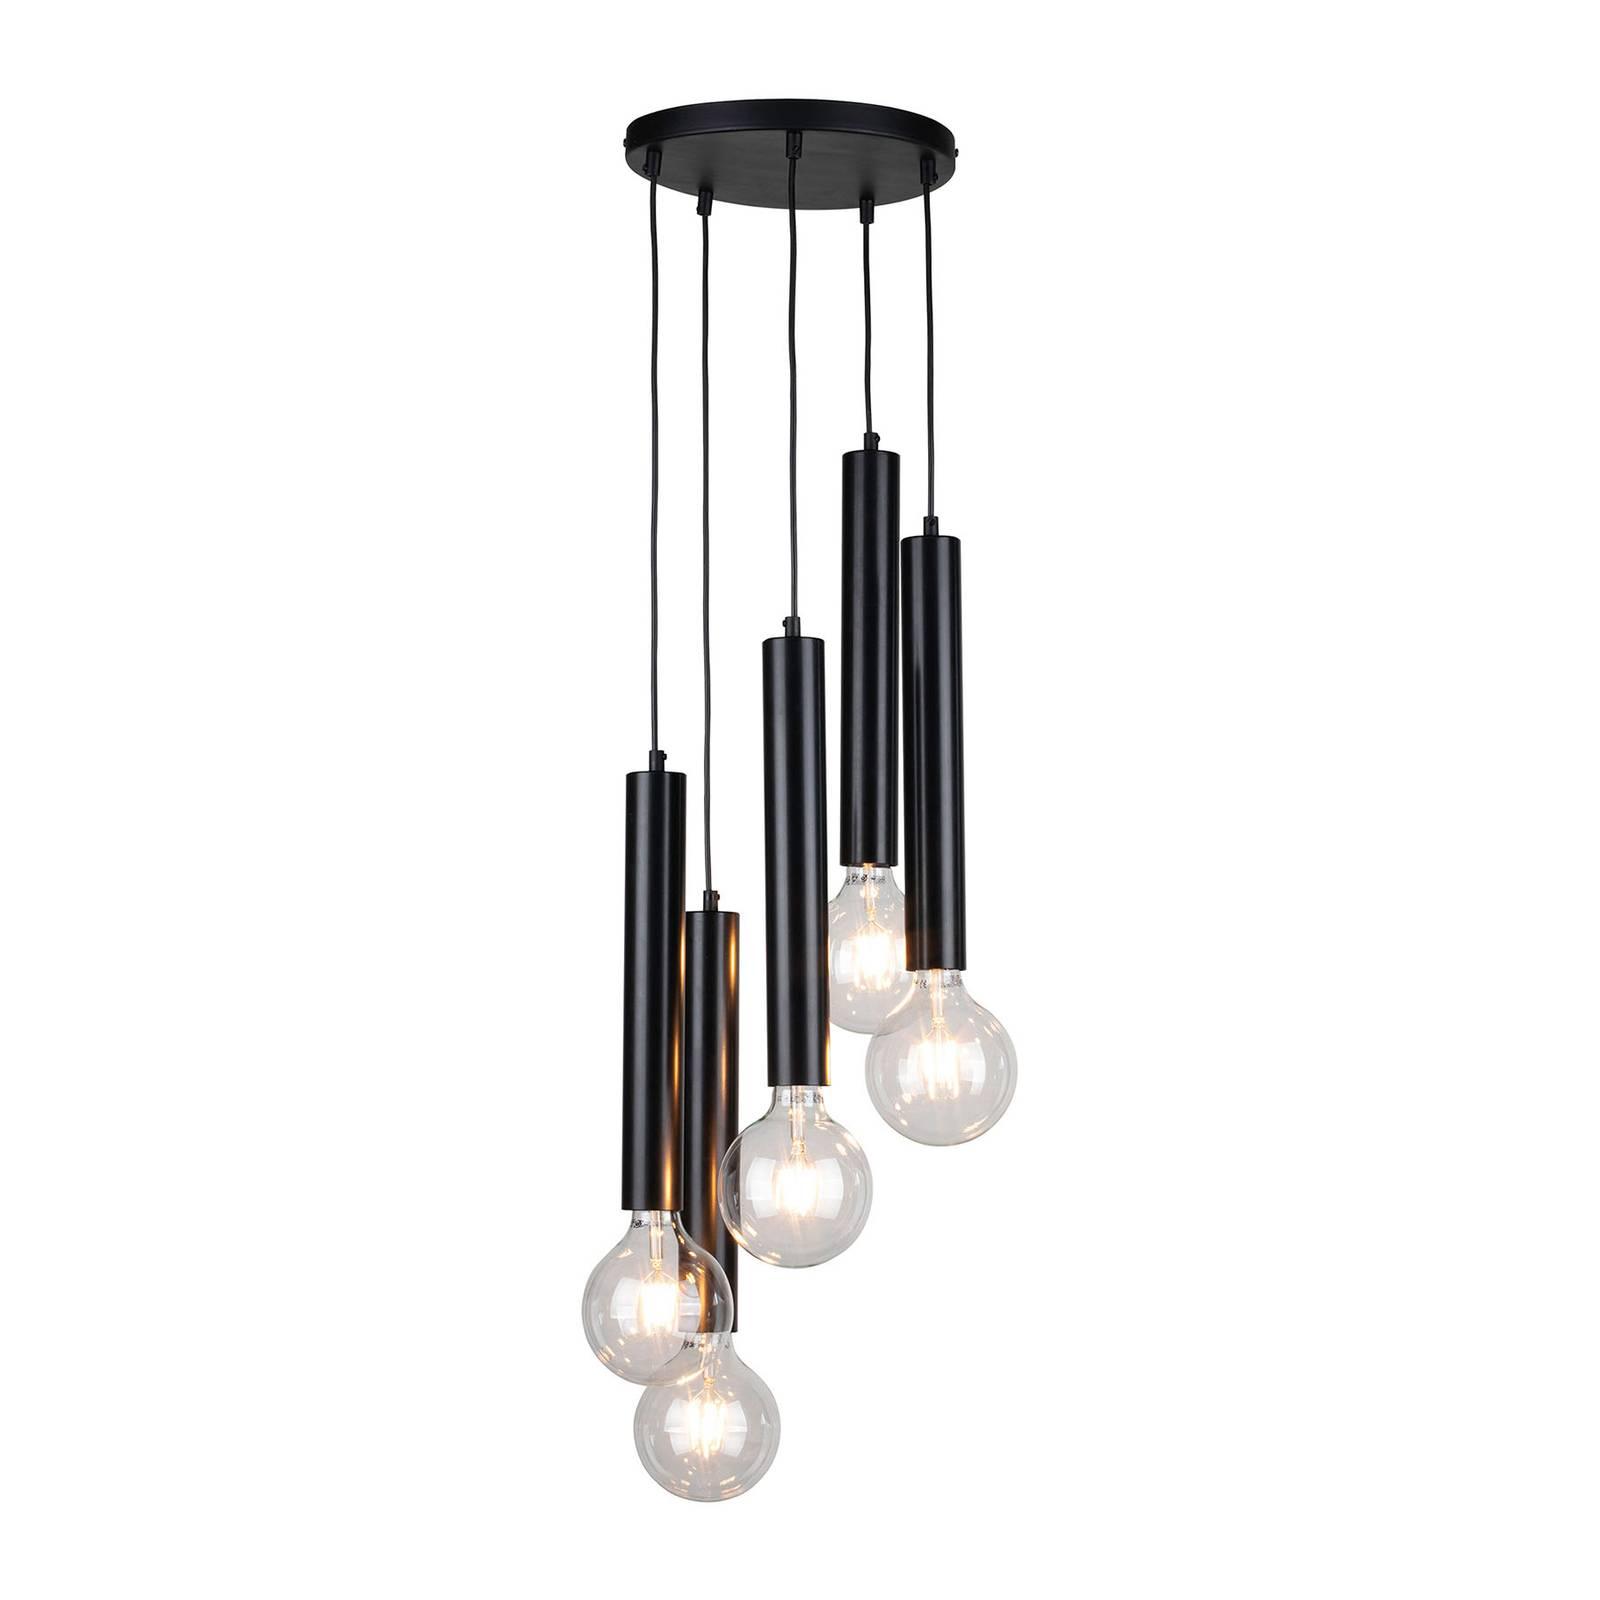 Riippuvalaisin, Lecy, pyöreä, musta, 5-lamppuinen